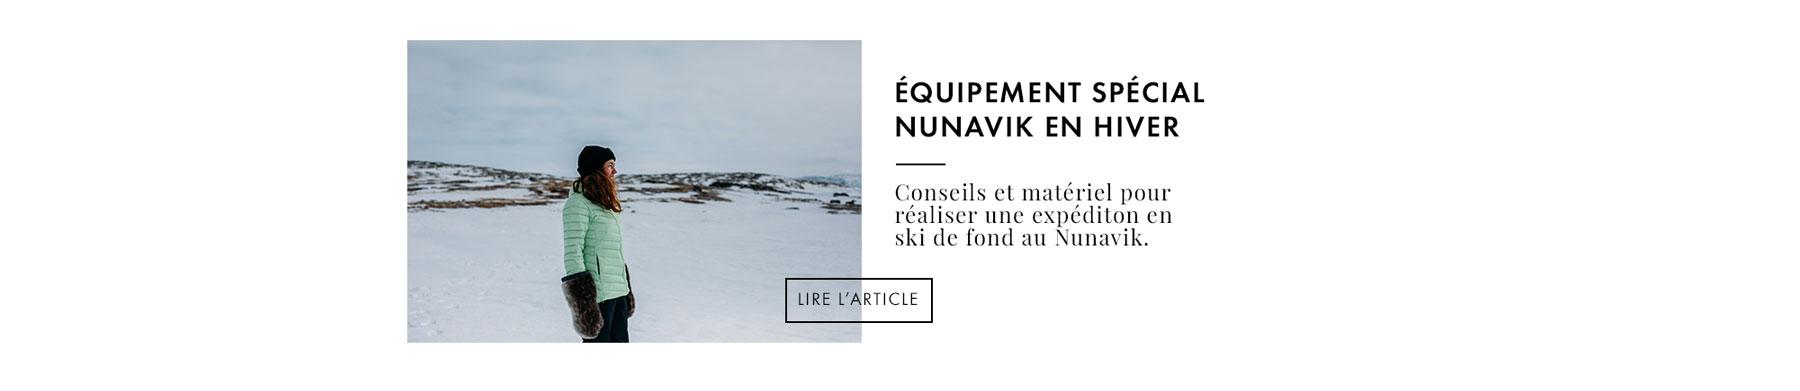 équipement expédition Nunavik